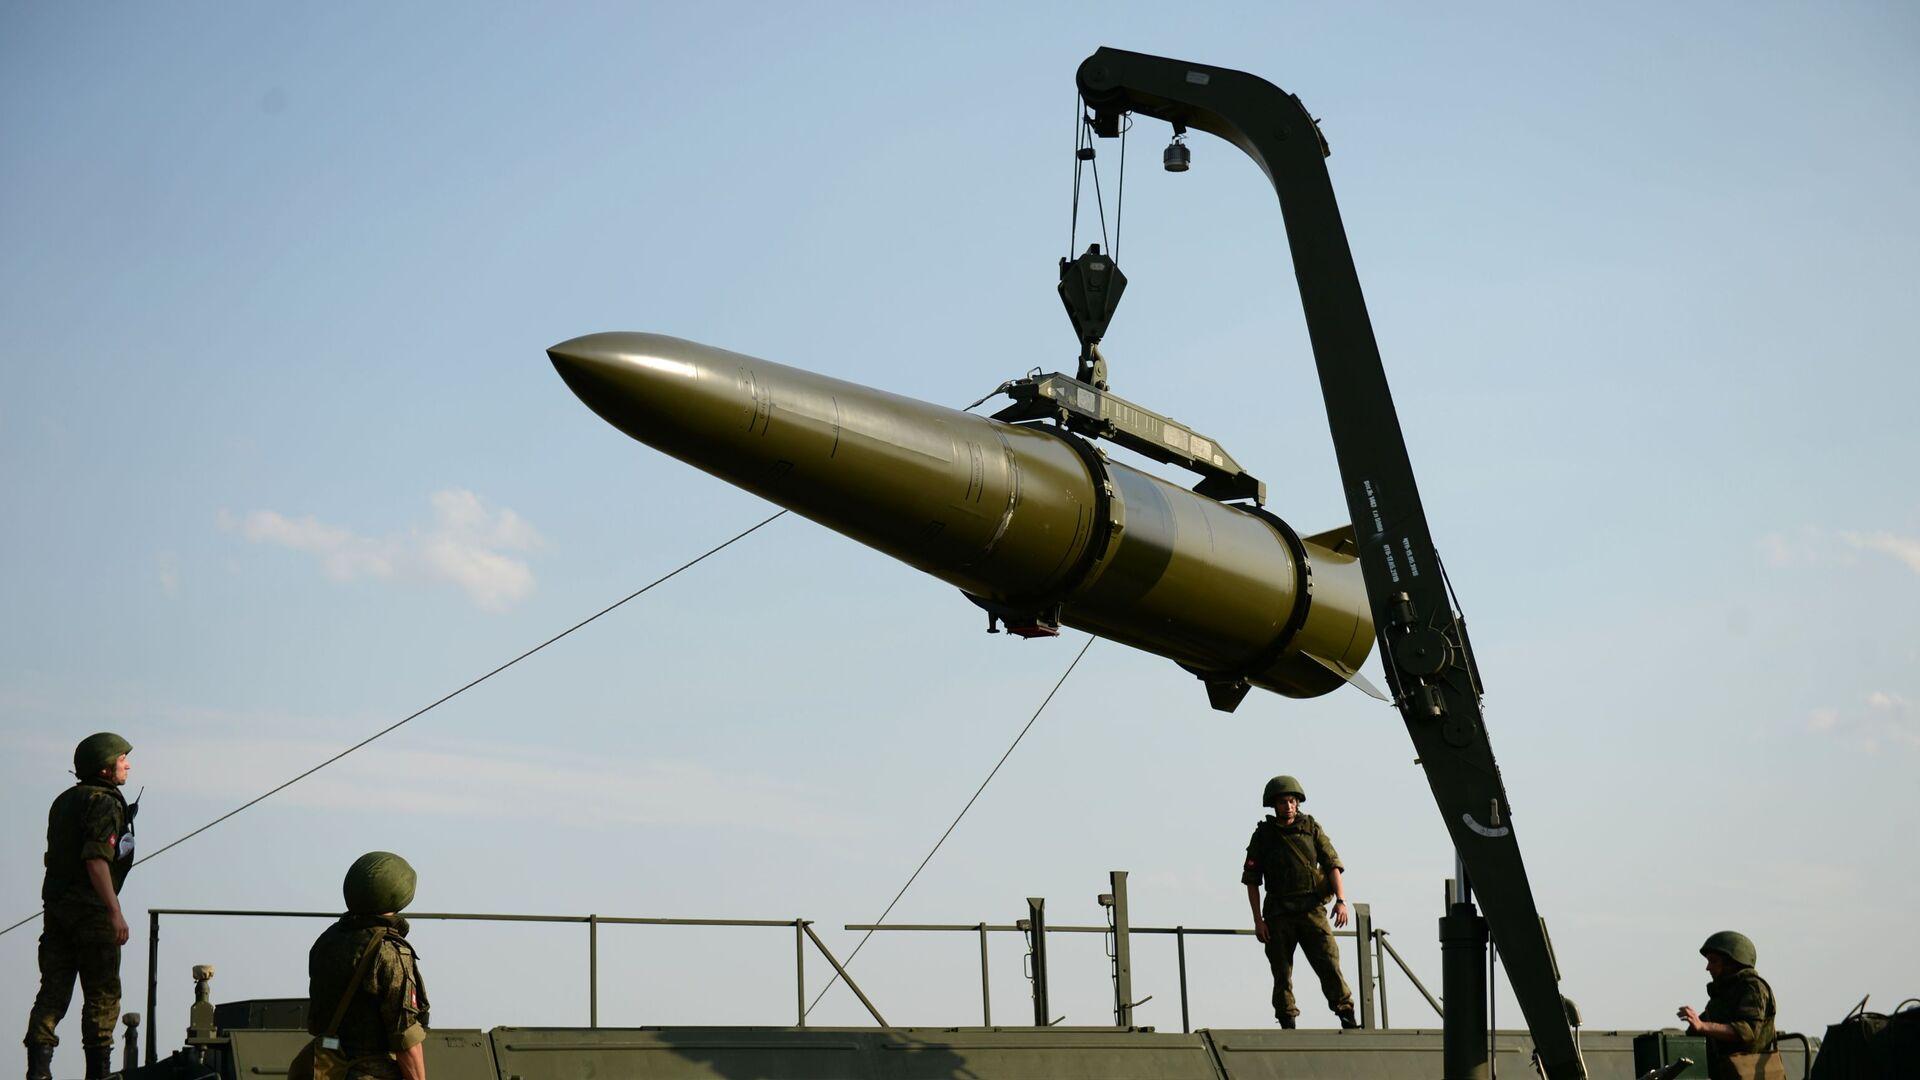 Развёртывание оперативно-тактического ракетного комплекса Искандер-М - Sputnik Արմենիա, 1920, 04.05.2021